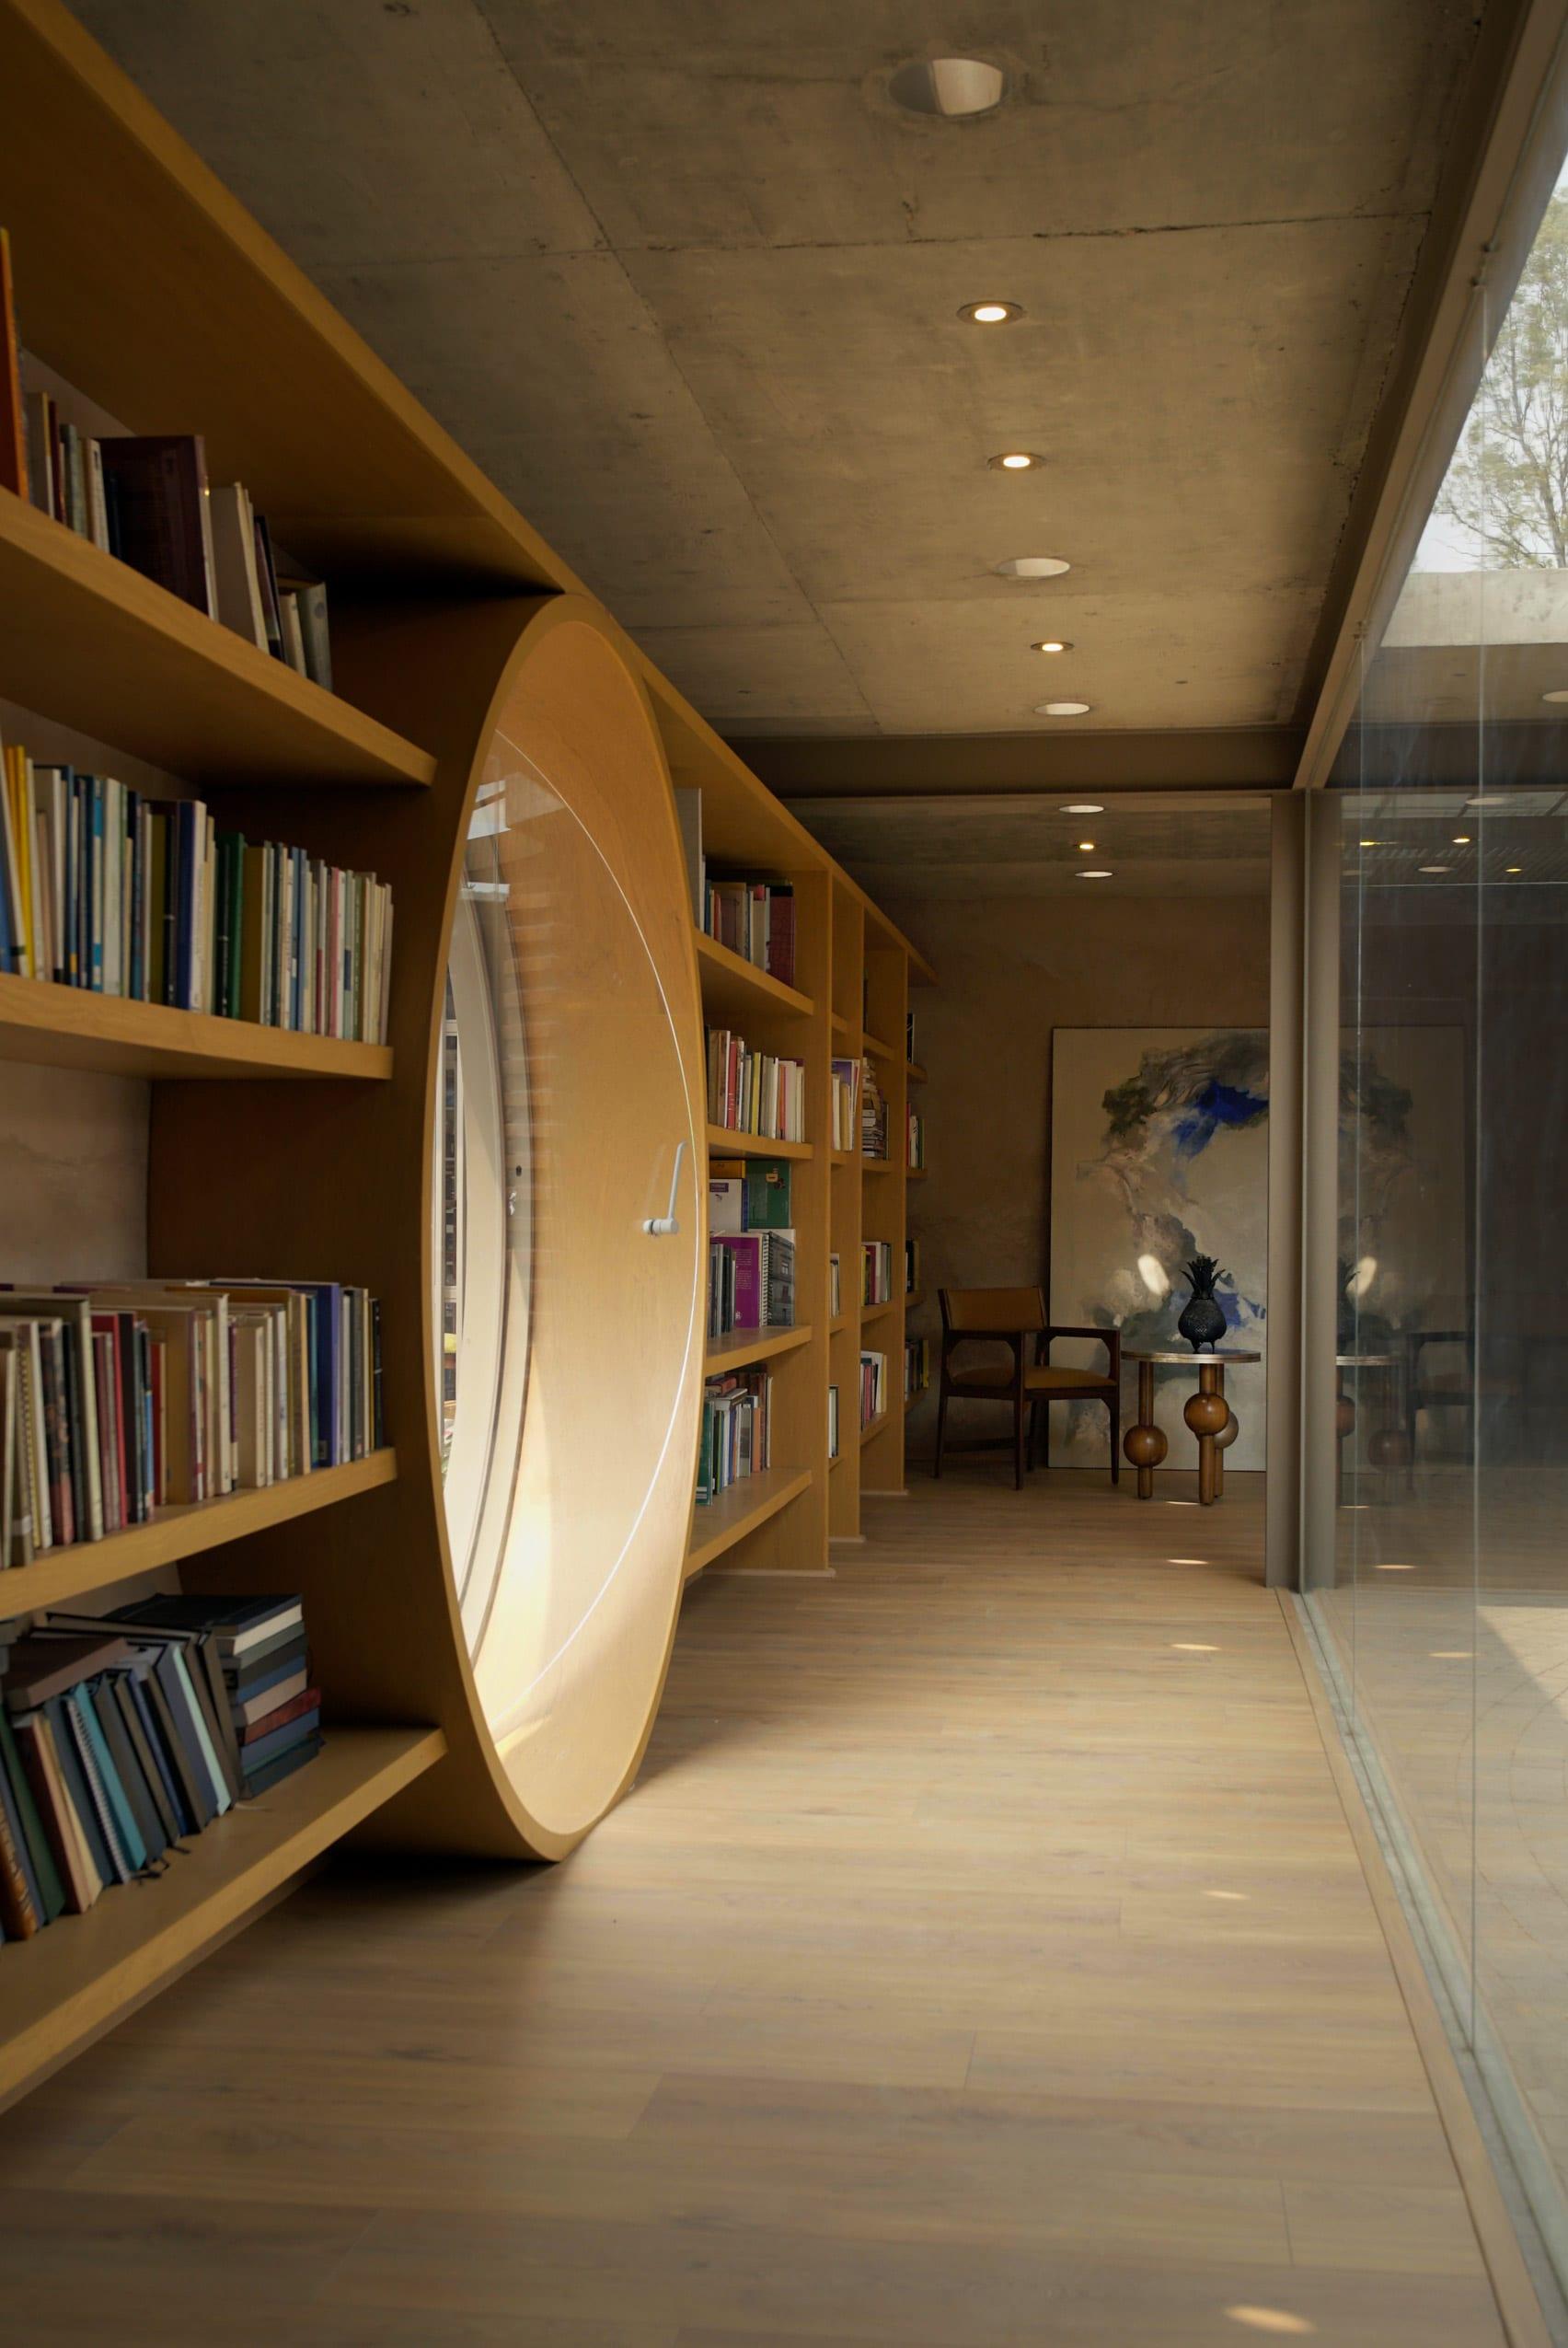 Round glass door between bookshelves in Casa UC by Daniela Bucio Sistos